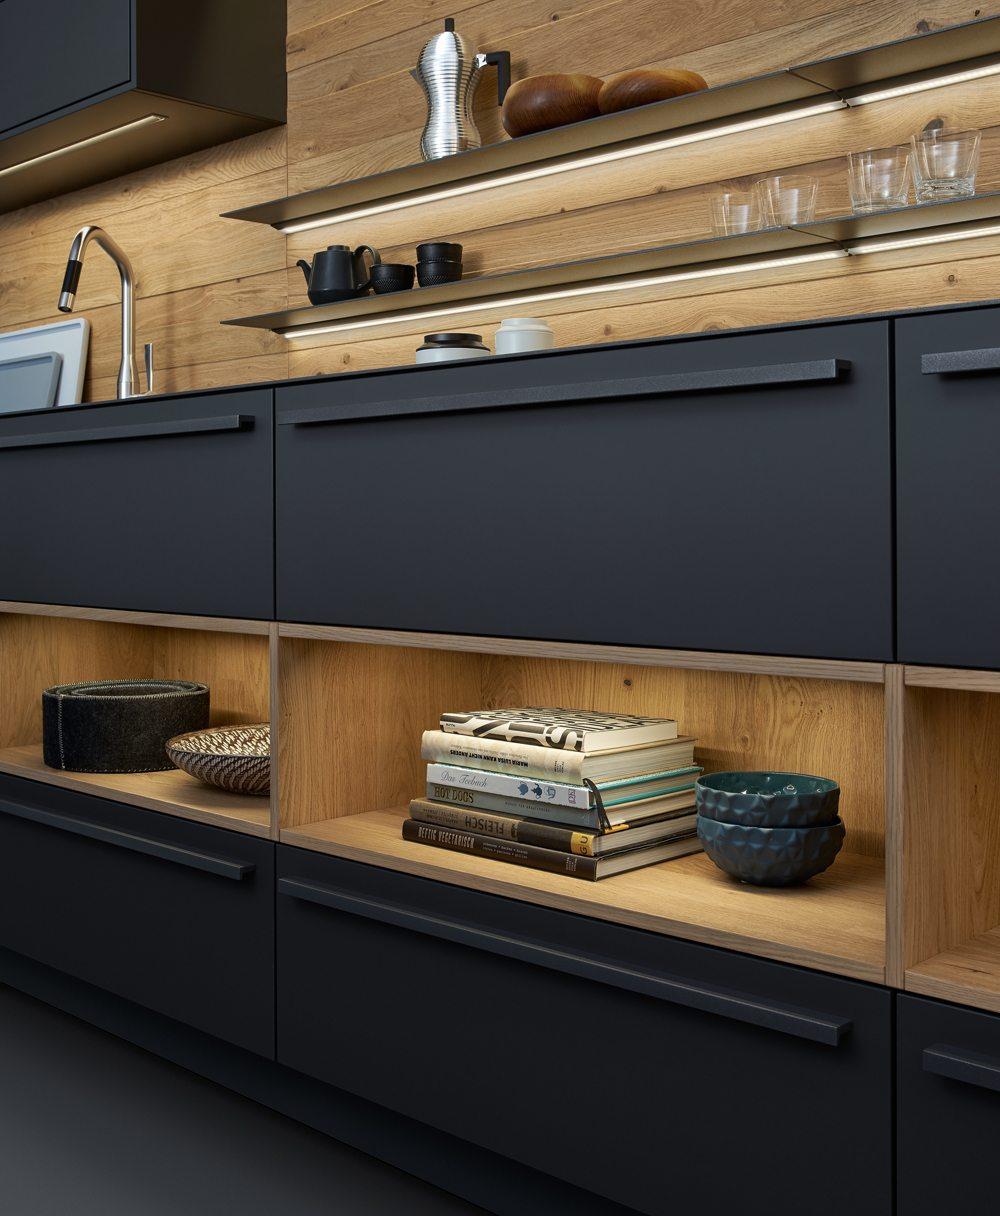 Neue leicht küche valais mit innovativem planungskonzept evo ...